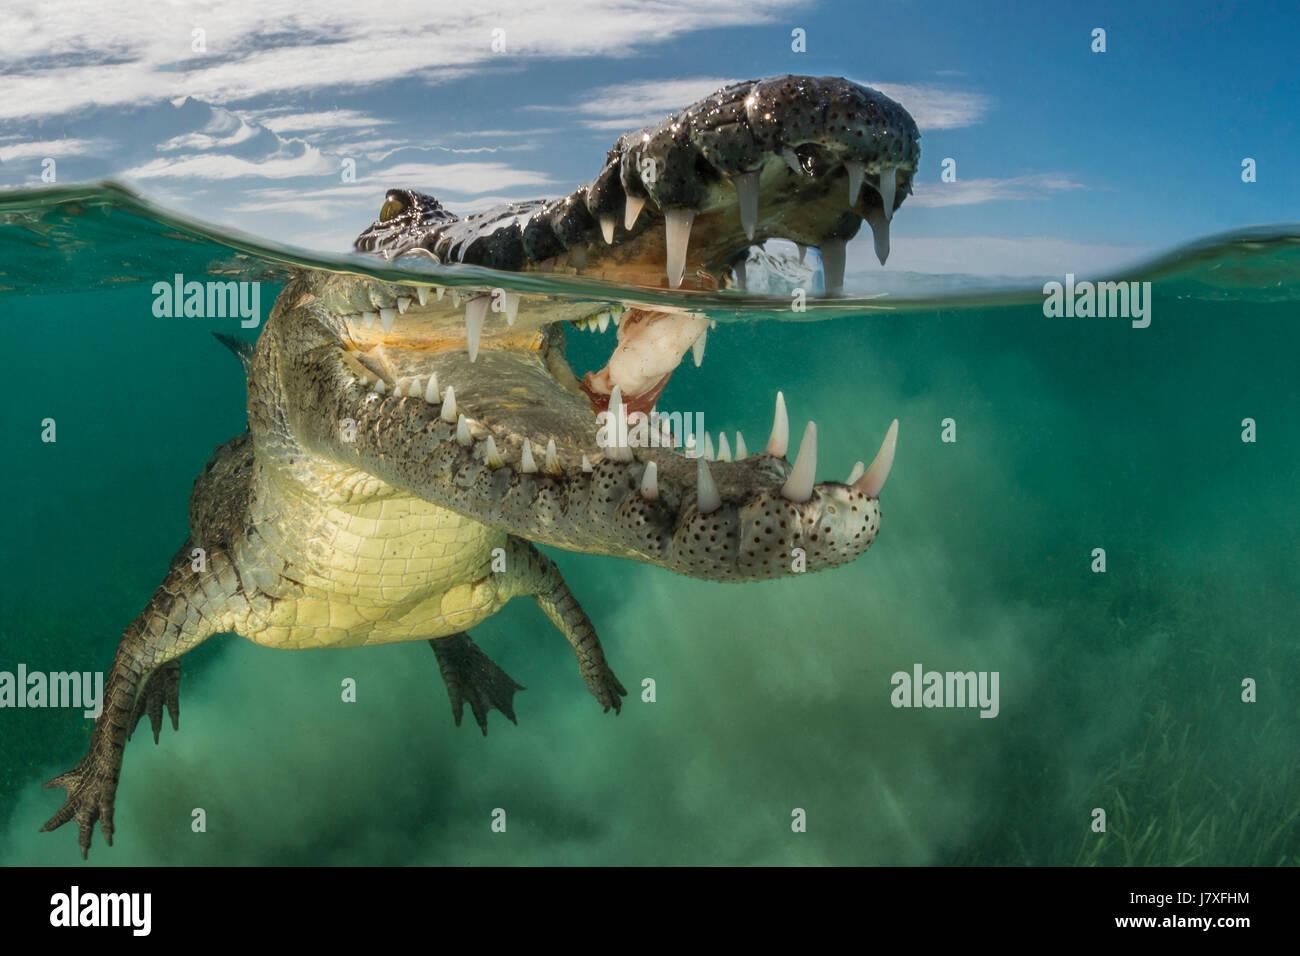 El cocodrilo americano Crocodylus acutus, Jardines de la Reina, Cuba Imagen De Stock